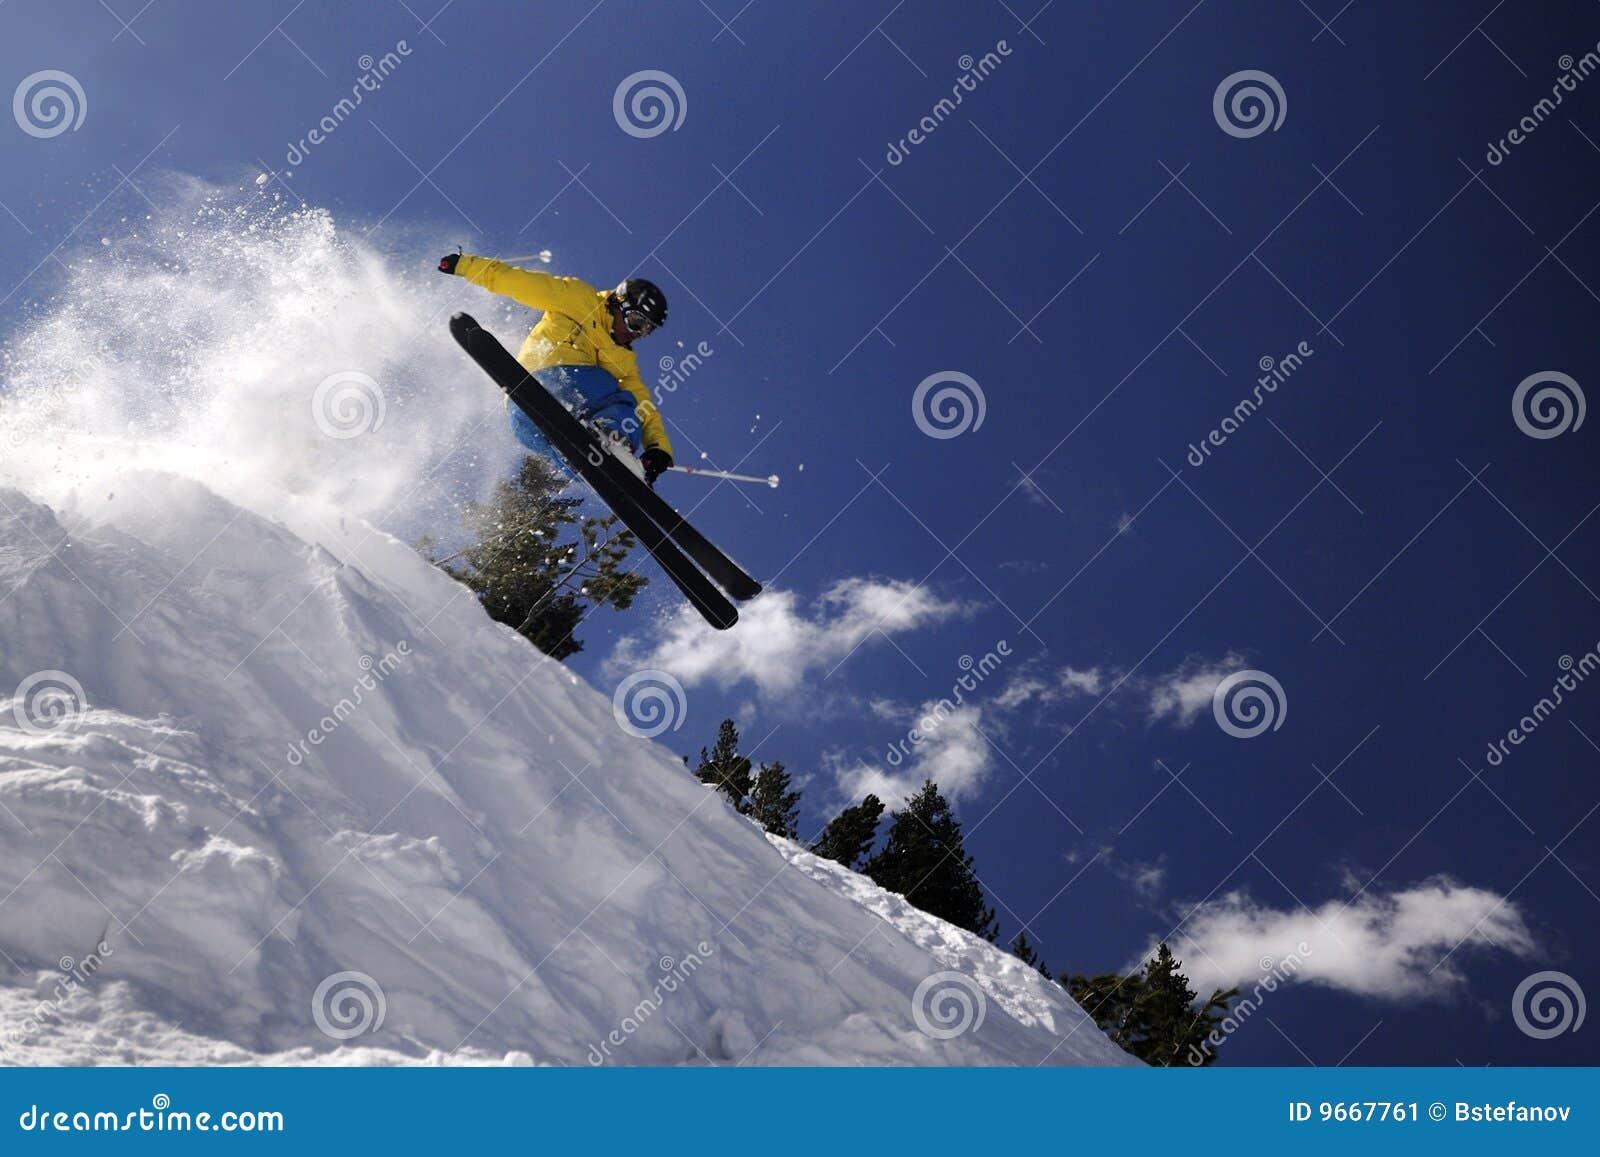 极其滑雪者